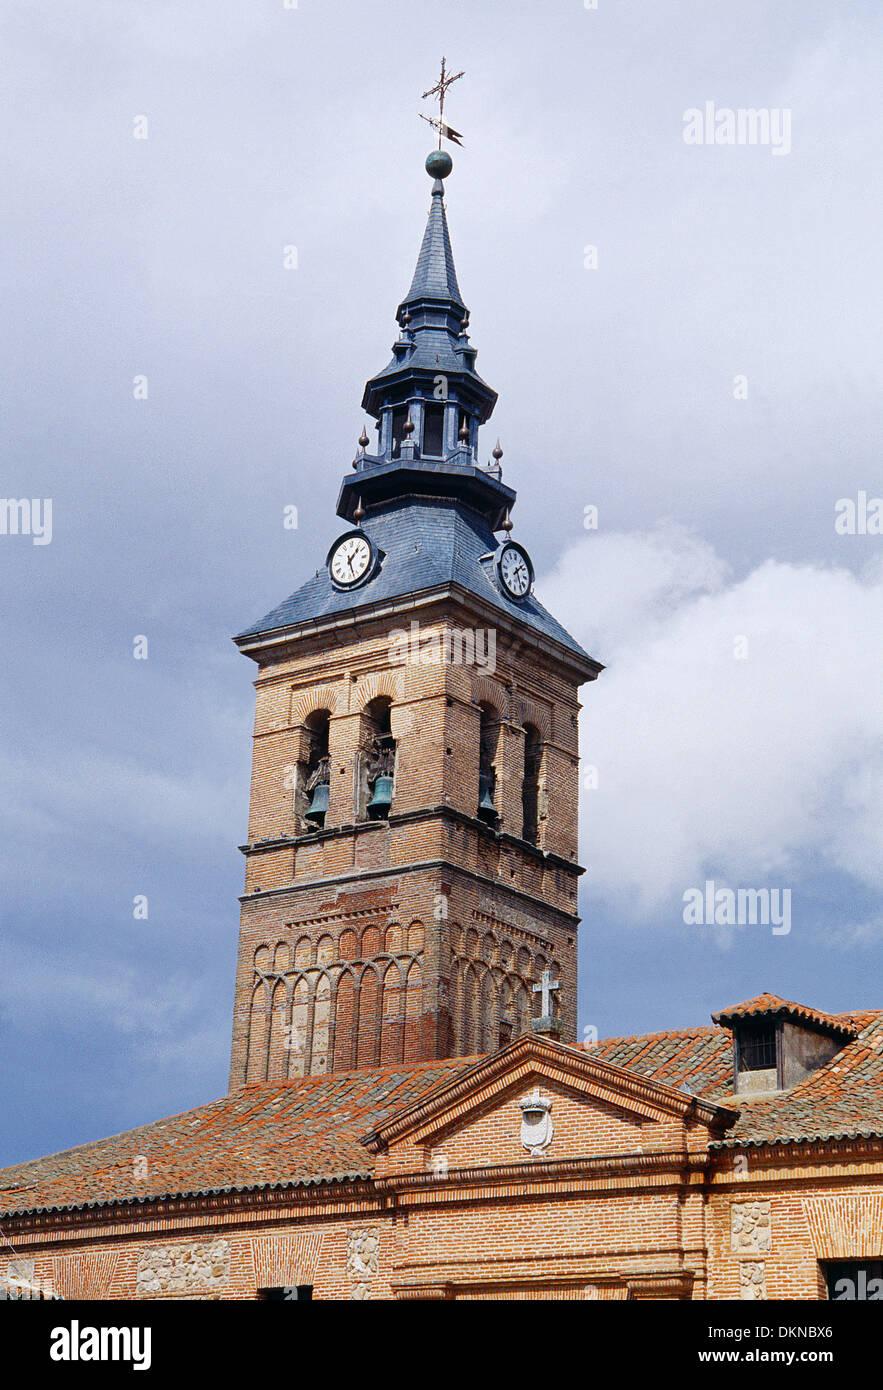 Mudejar tower of Nuestra Señora de la Asuncion church. Navalcarnero, Madrid province, Spain. - Stock Image